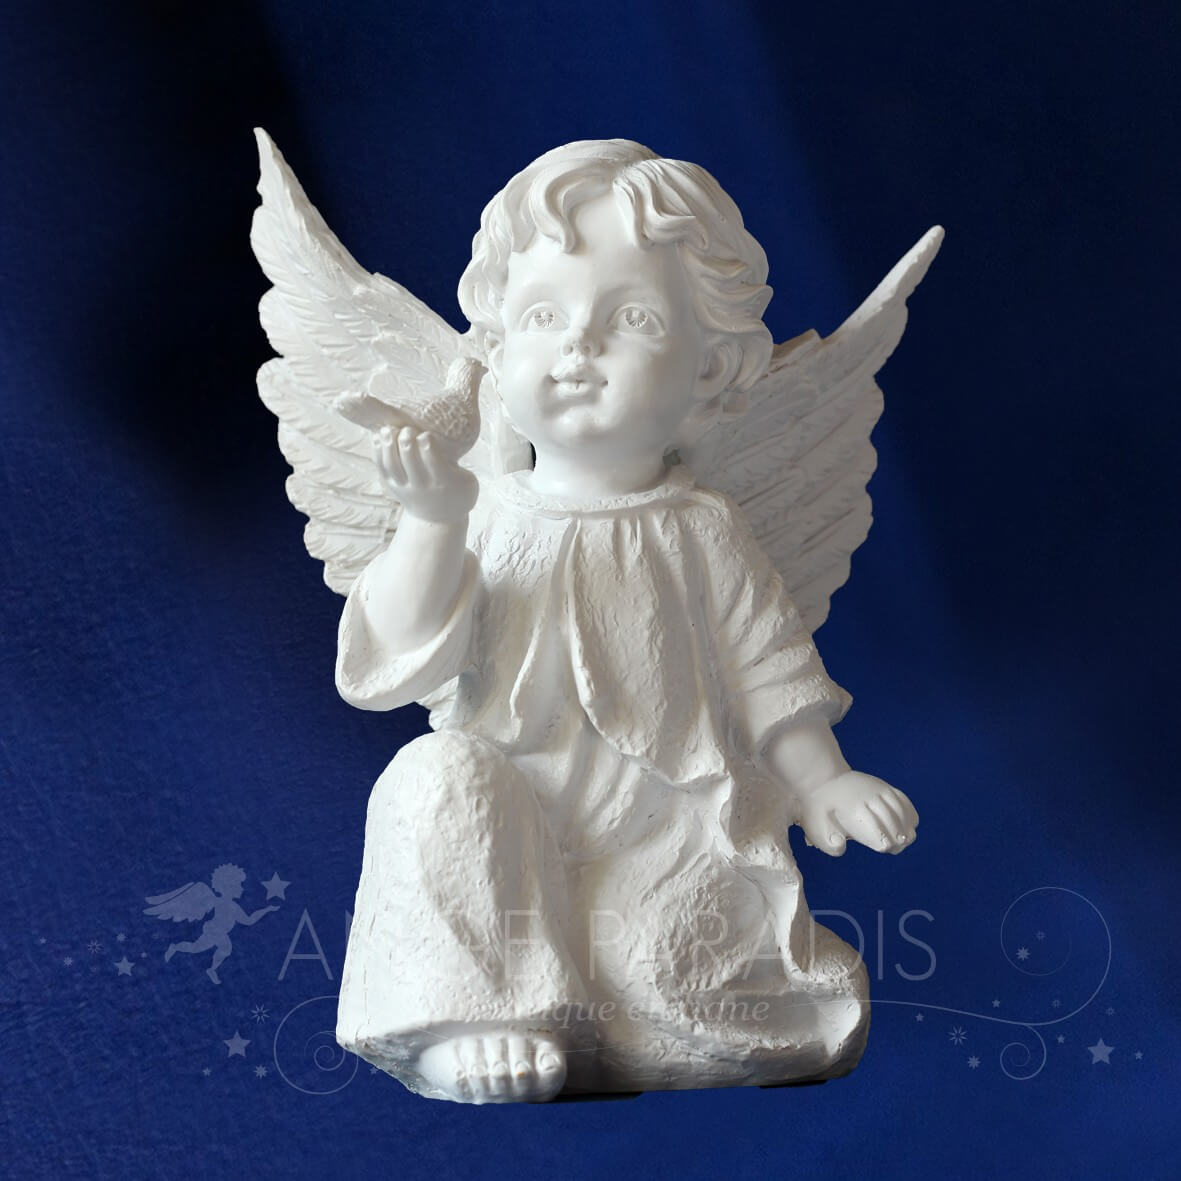 Site vente statue statuette et figurine ange blancs anges d coratifs - Statue d ange pour exterieur ...